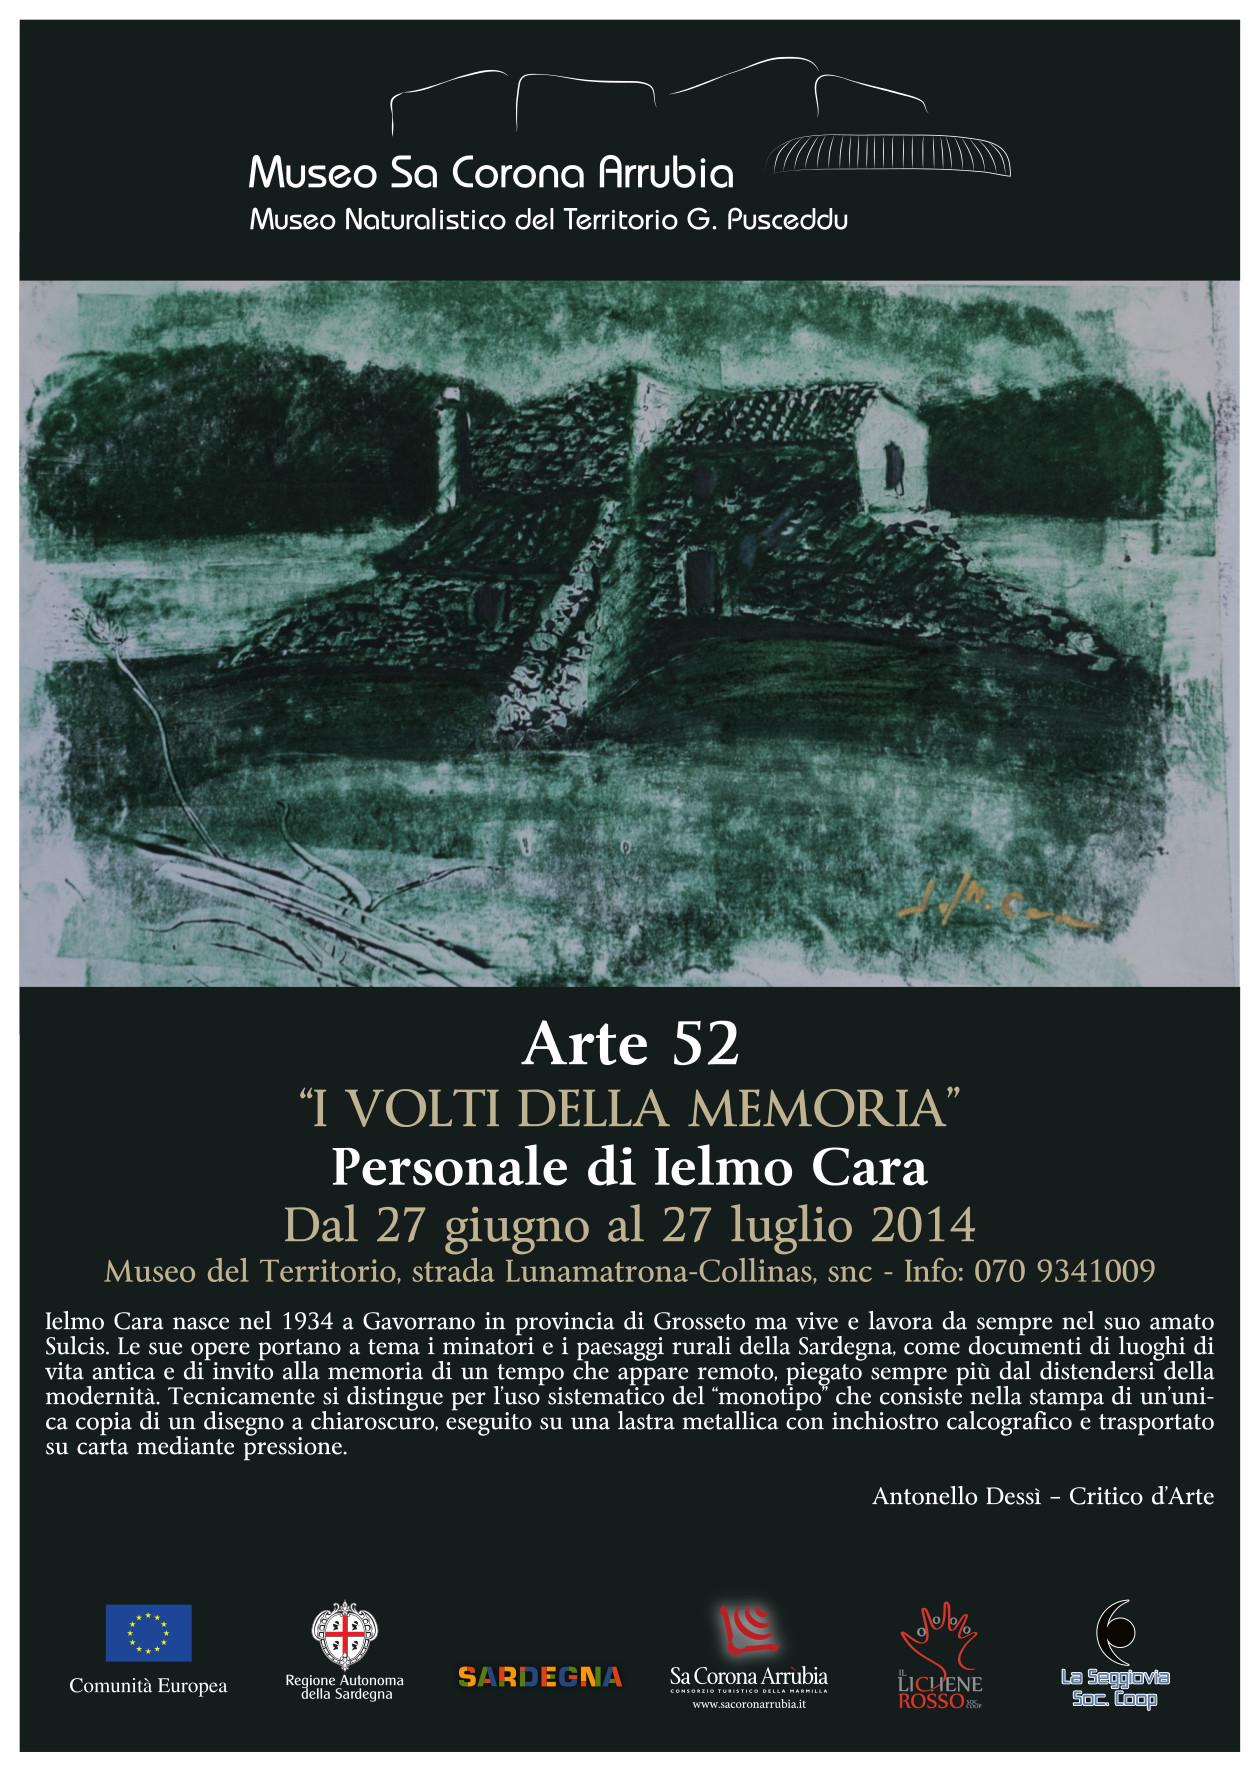 """Personale di Ielmo Cara """"I Volti della Memoria"""" Dal 27 giugno al 27 luglio 2014 Museo naturalistico del territorio """"G. Pusceddu"""""""